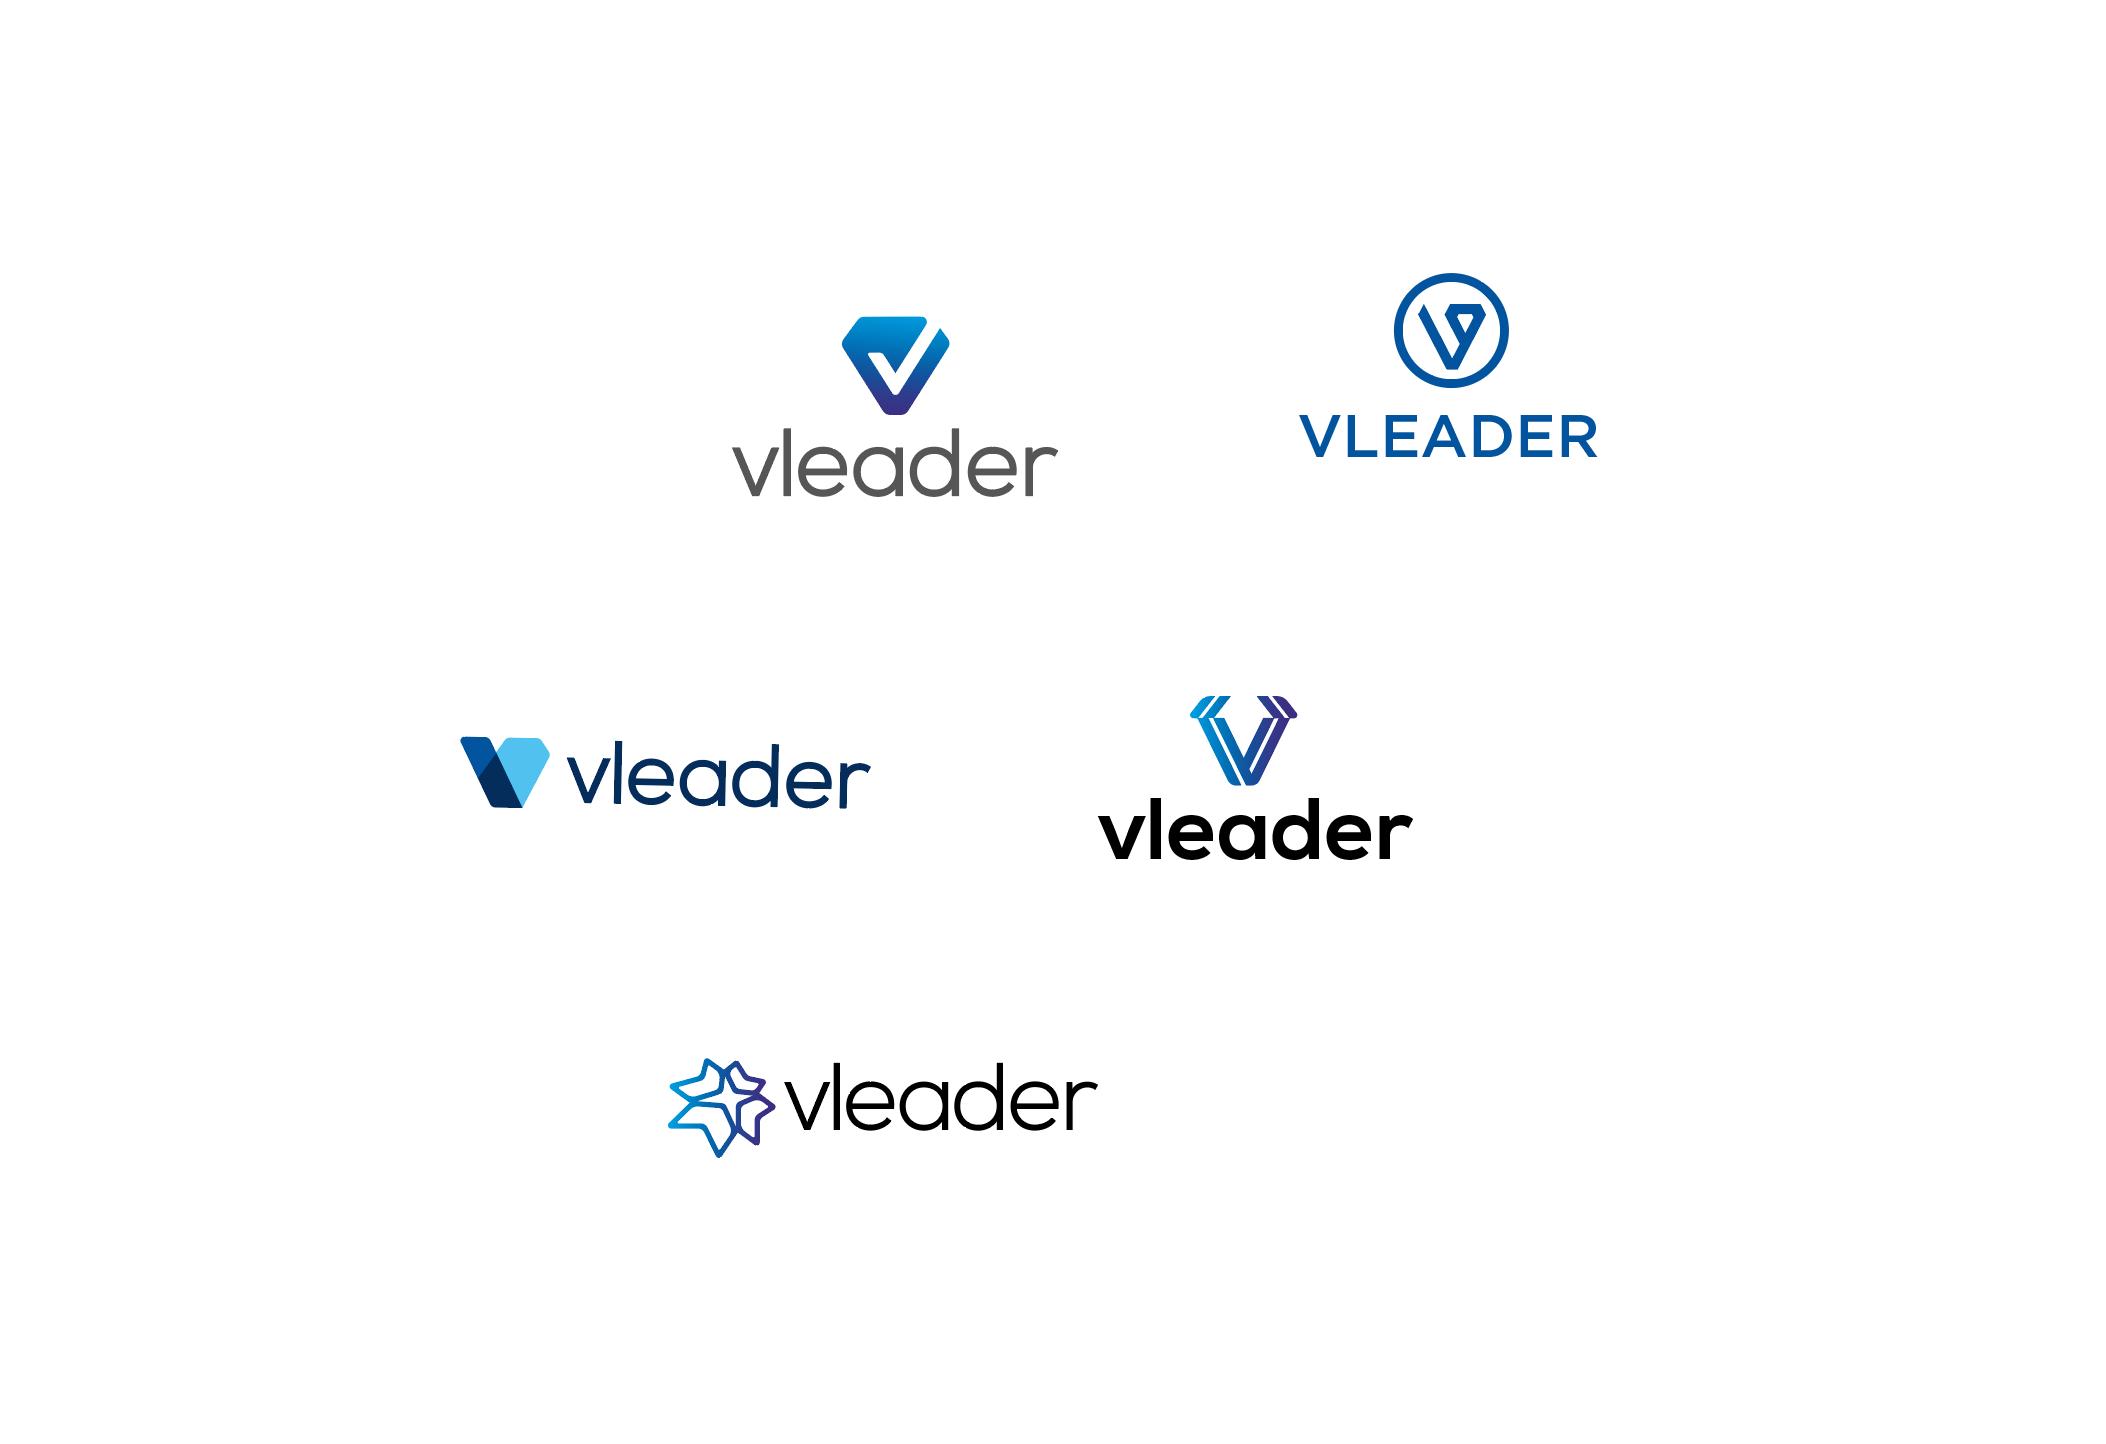 vleader options